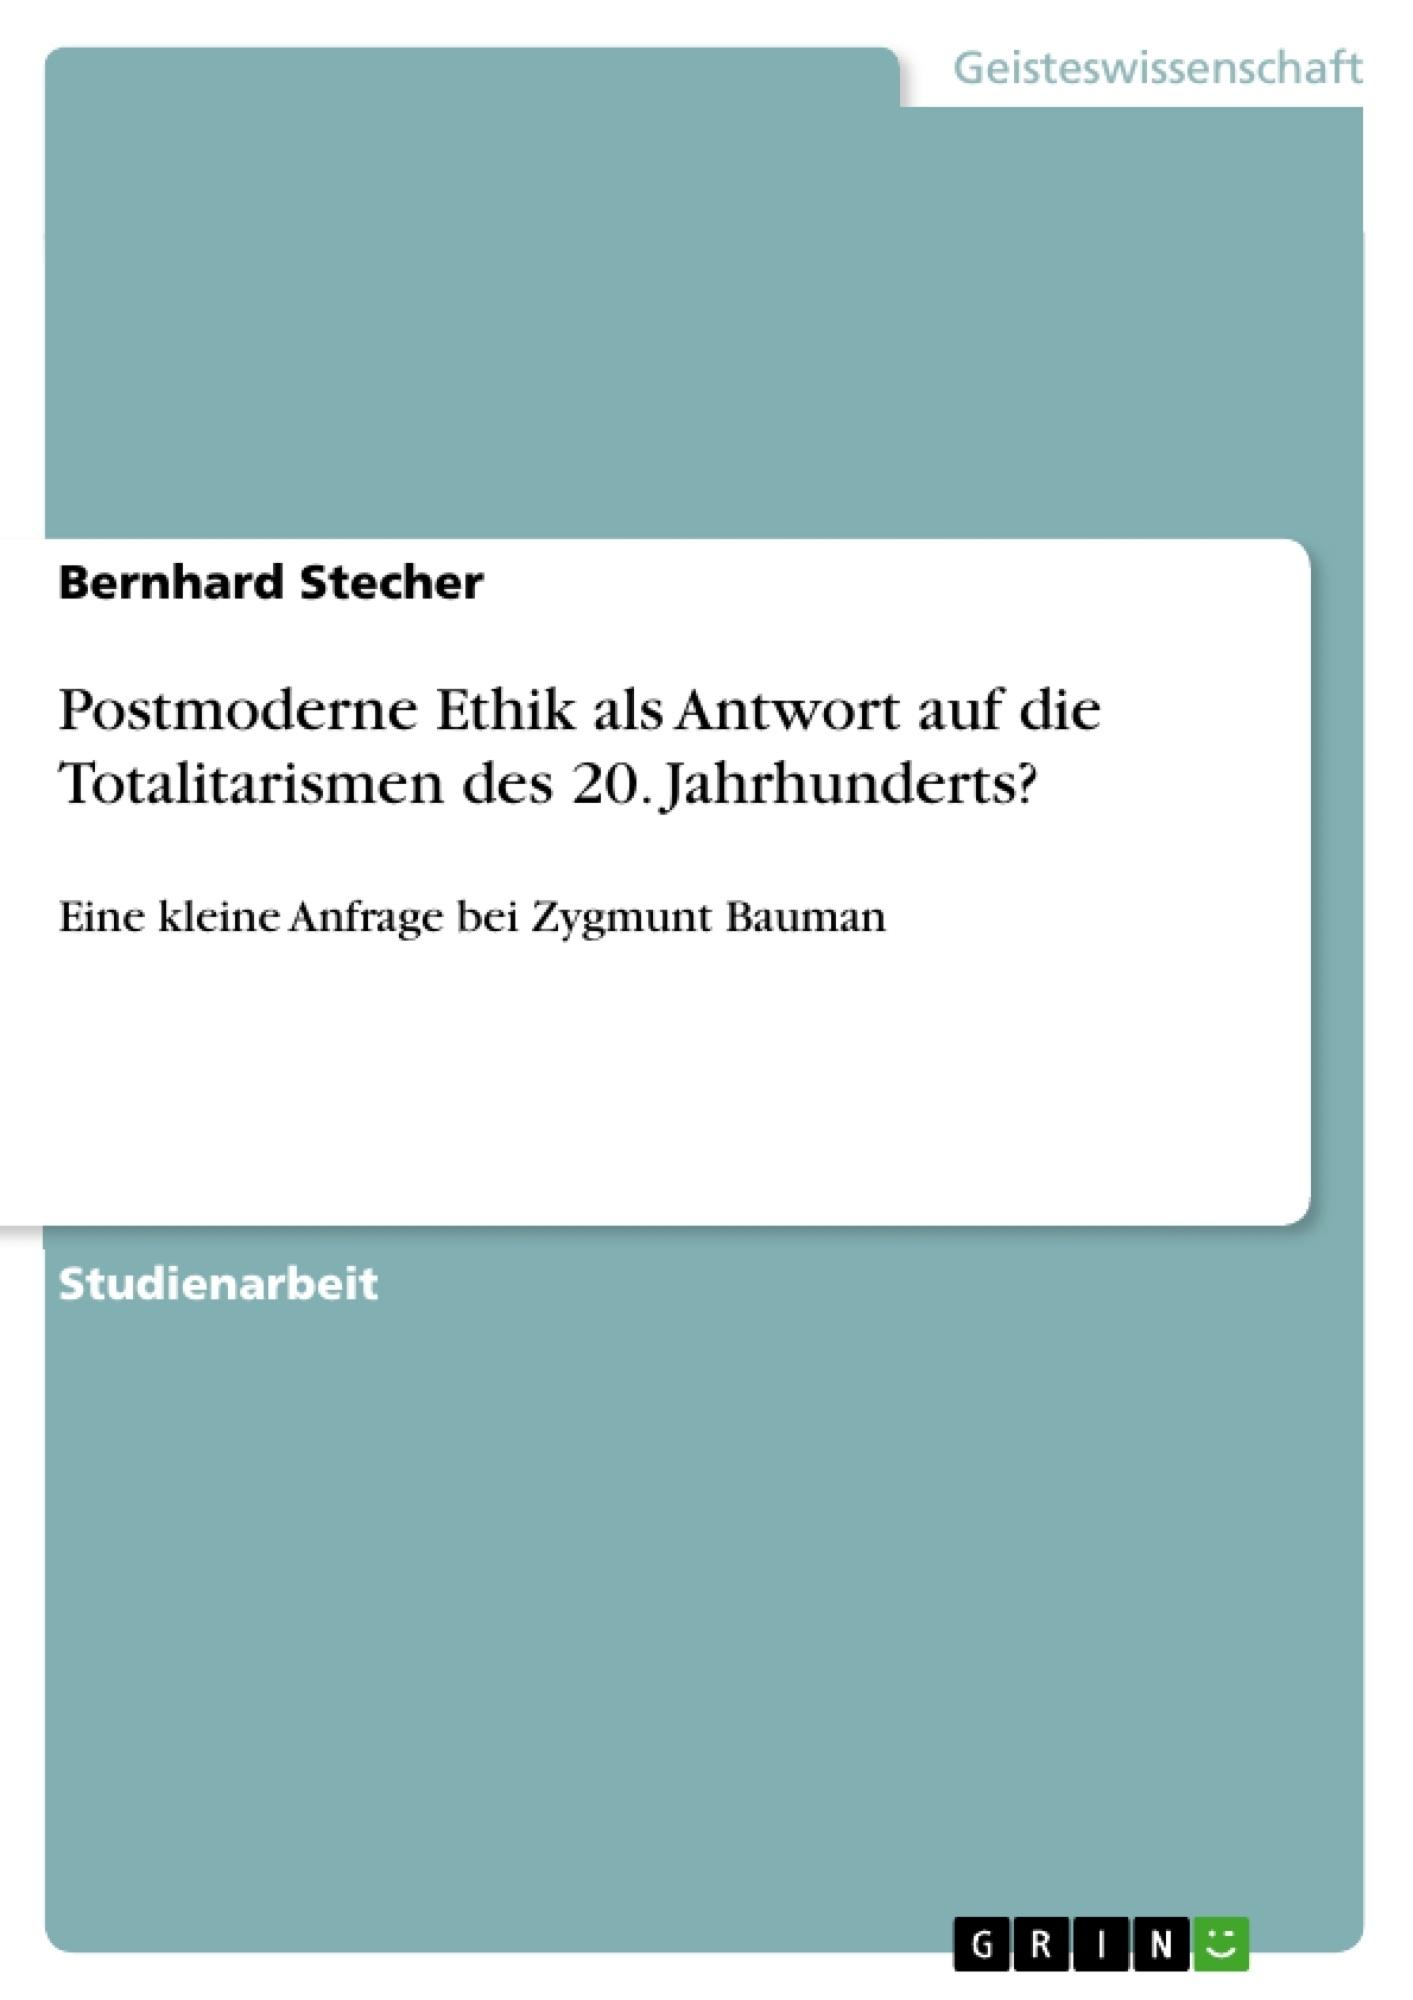 Titel: Postmoderne Ethik als Antwort auf die Totalitarismen des 20. Jahrhunderts?